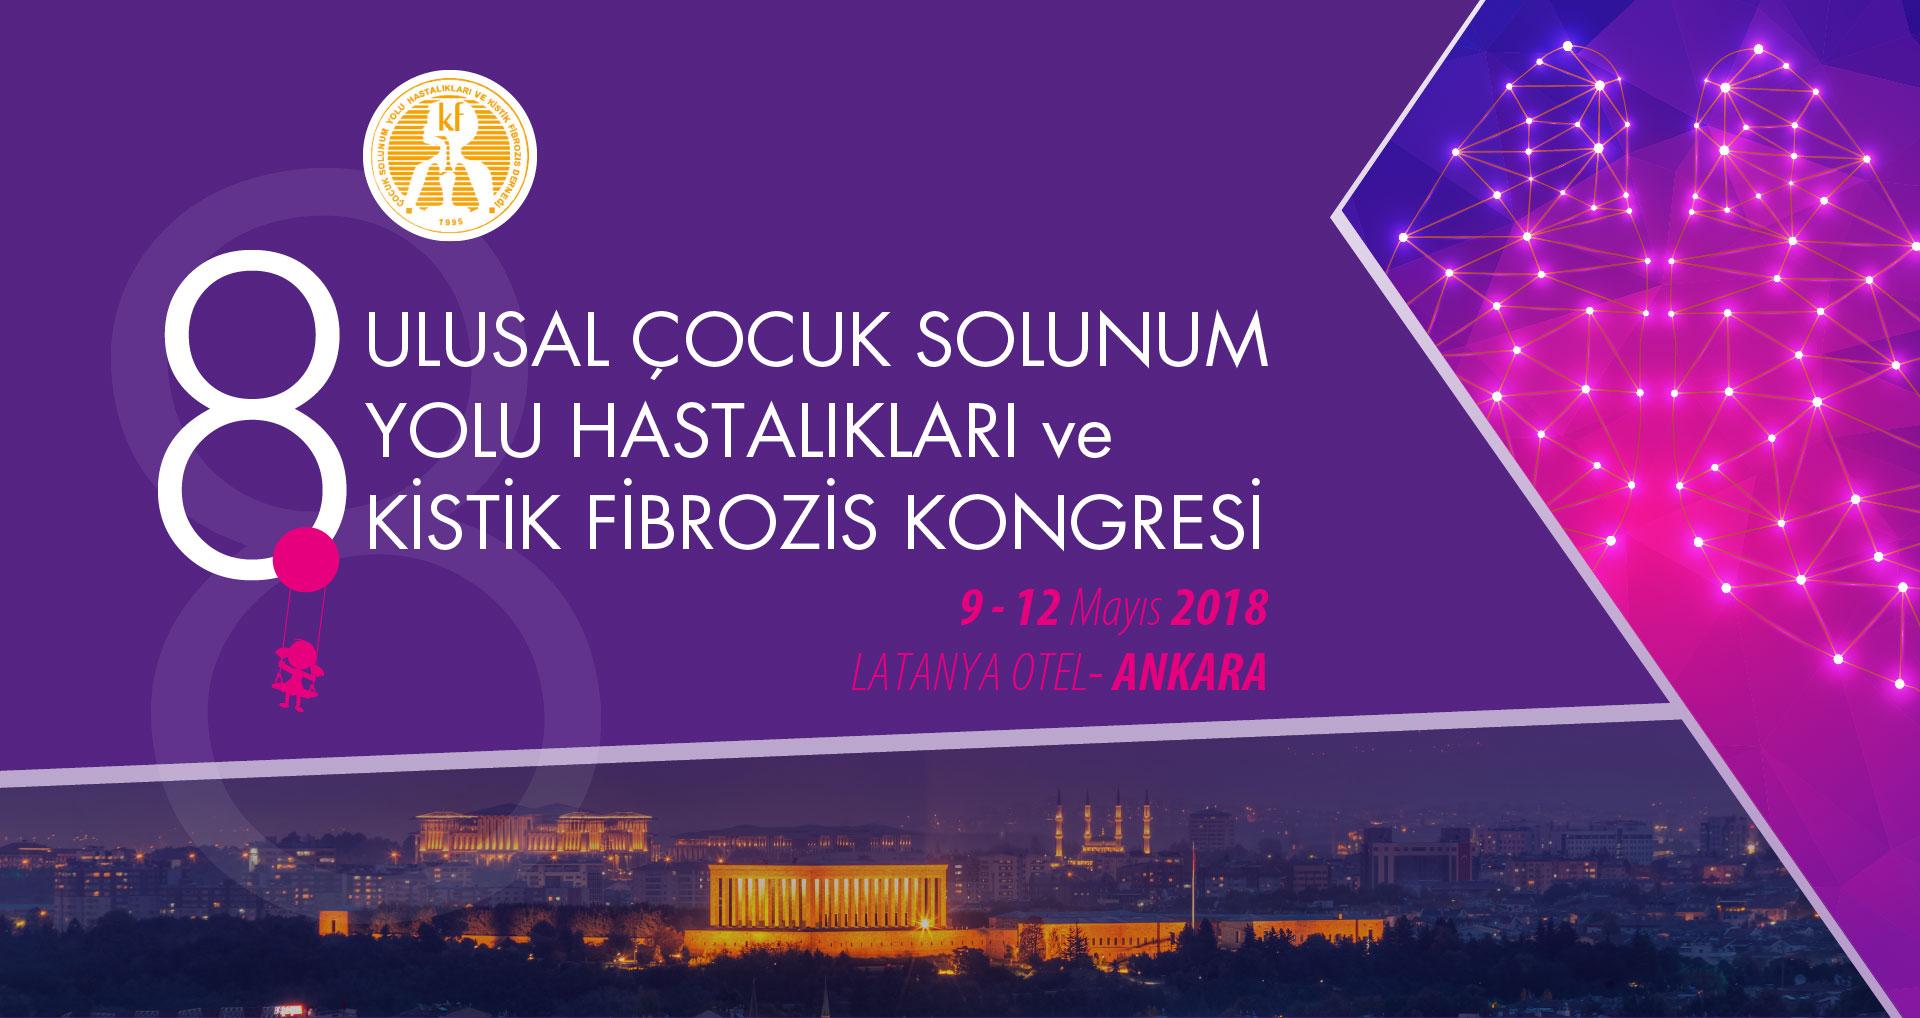 8. Ulusal Çocuk Solunum Yolu Hastalıkları  ve Kistik Fibrozis Kongresi